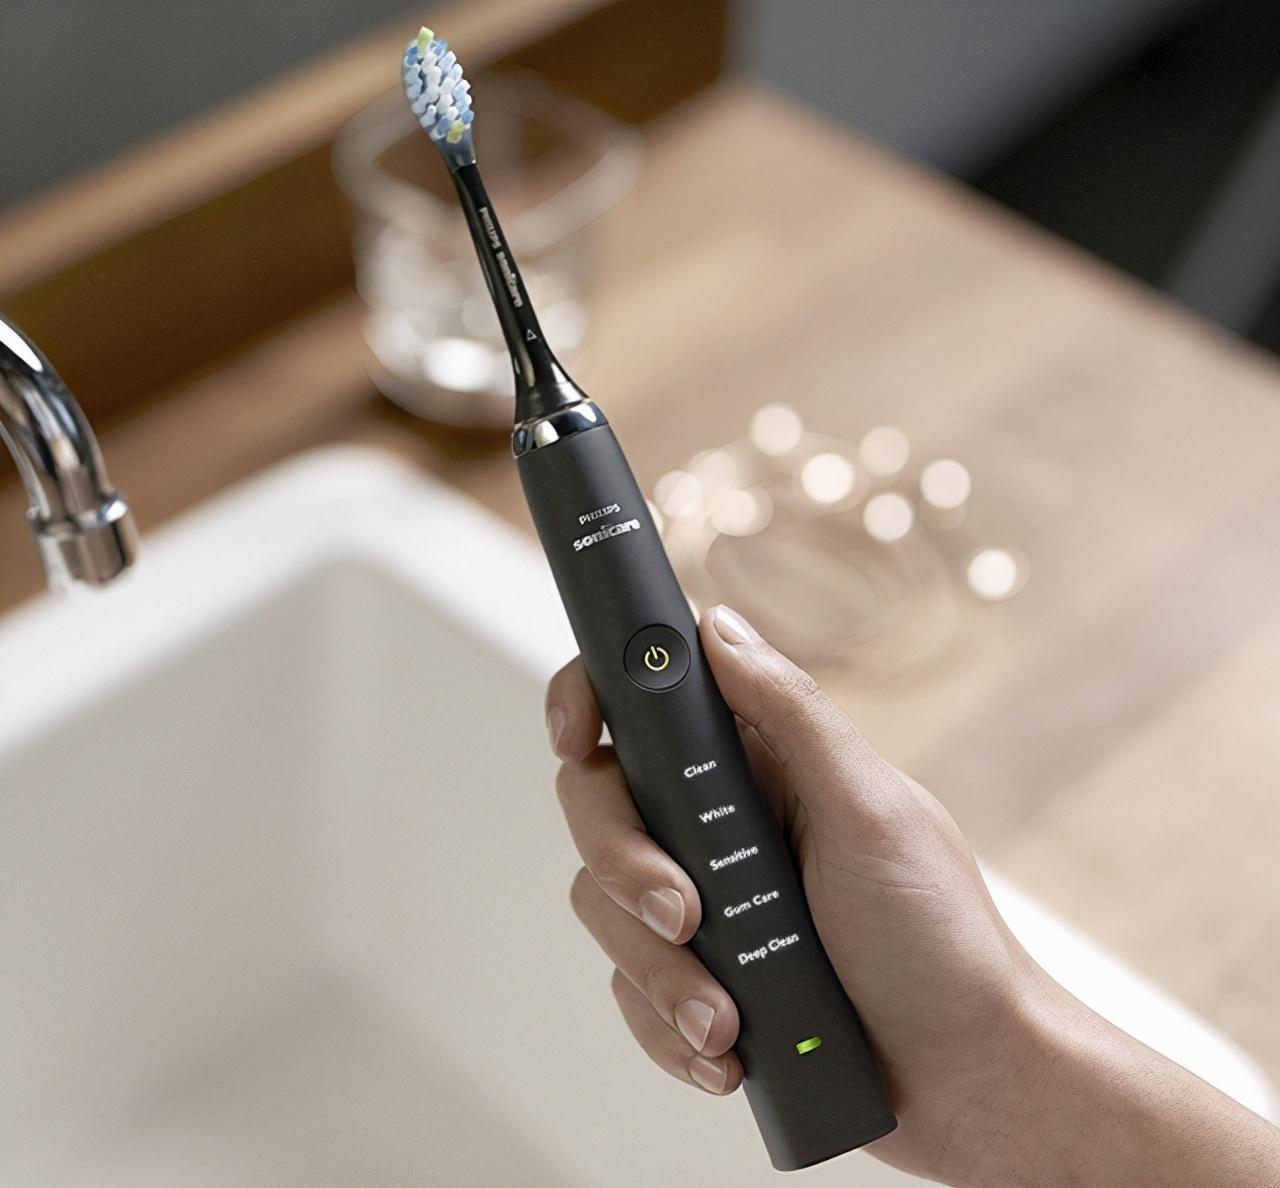 电动牙刷哪个牌子好?深度盘点电动牙刷十大品牌排名